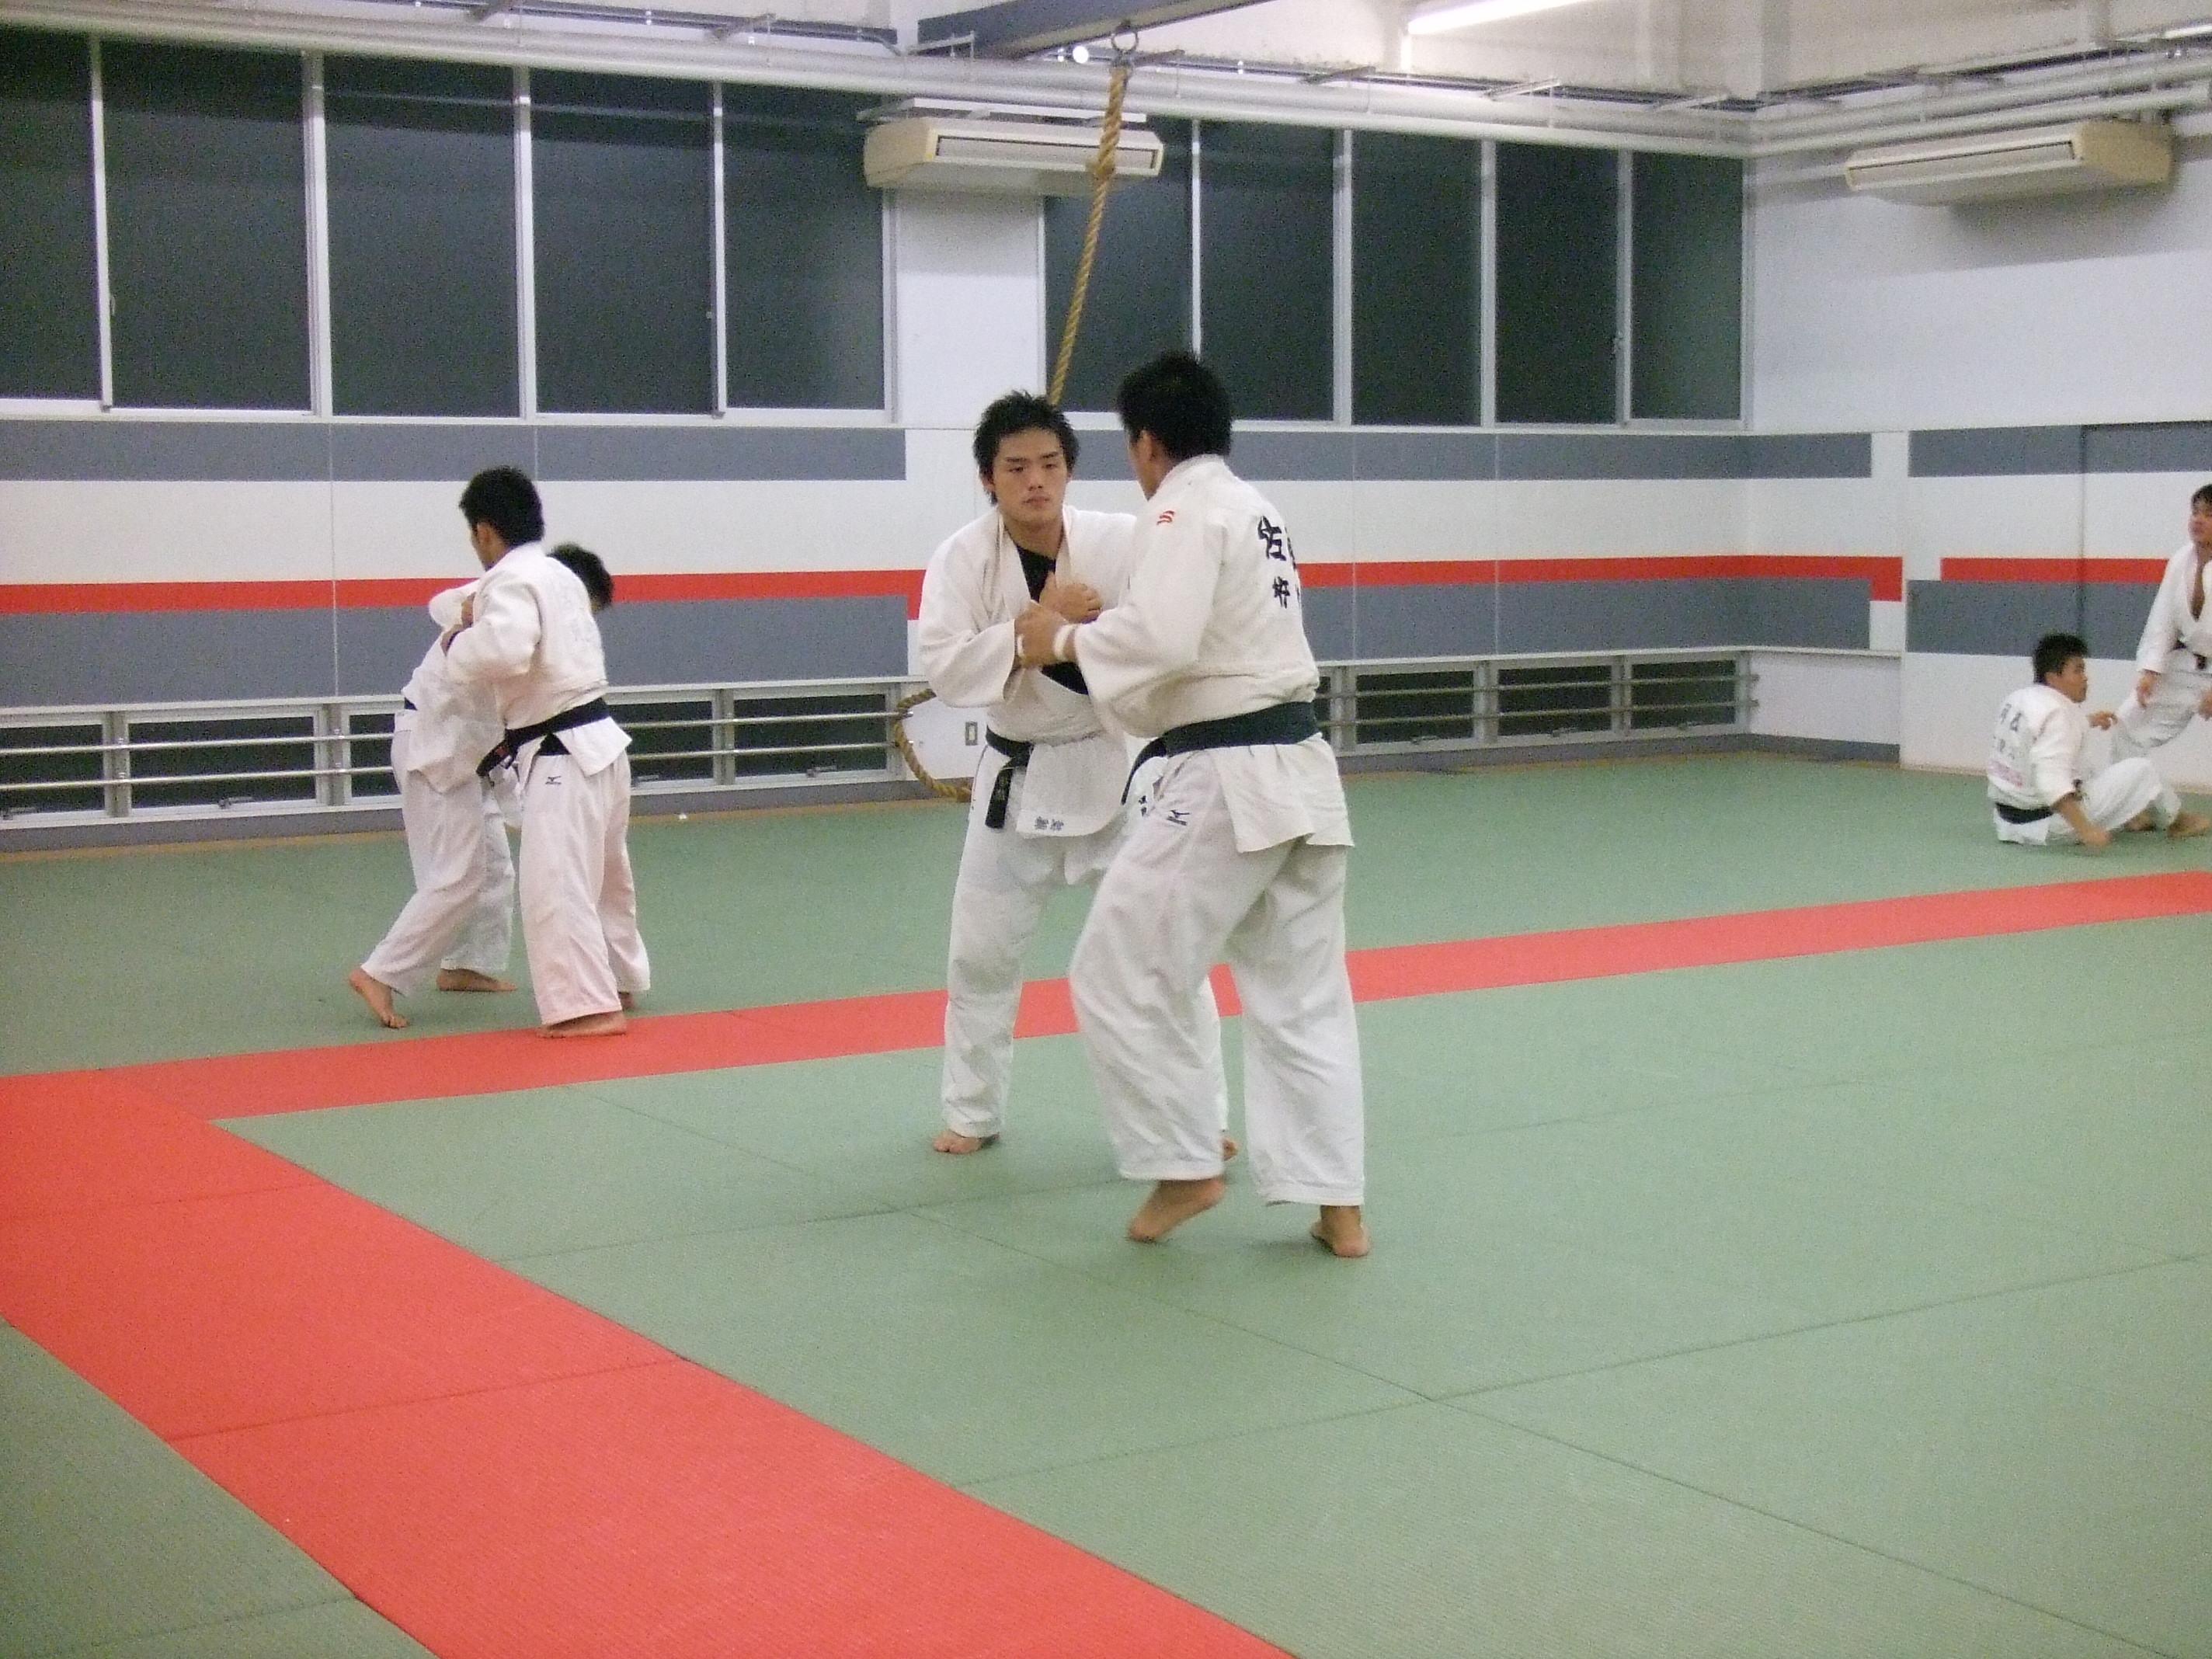 創立1919年 【東京学生柔道連盟 1部所属】 長い歴史と伝統を有している柔道部は、長期休部を経て、新生柔道部として活動を再開。目標であった東京都1部リーグに昇格し、今後も更なる実力向上に向けて、部員一同日々の練習に励んでいる。 過去には、学生柔道界の雄として、さまざまな実績を残しており、沢山の卒業生が全国津々浦々で活躍している。